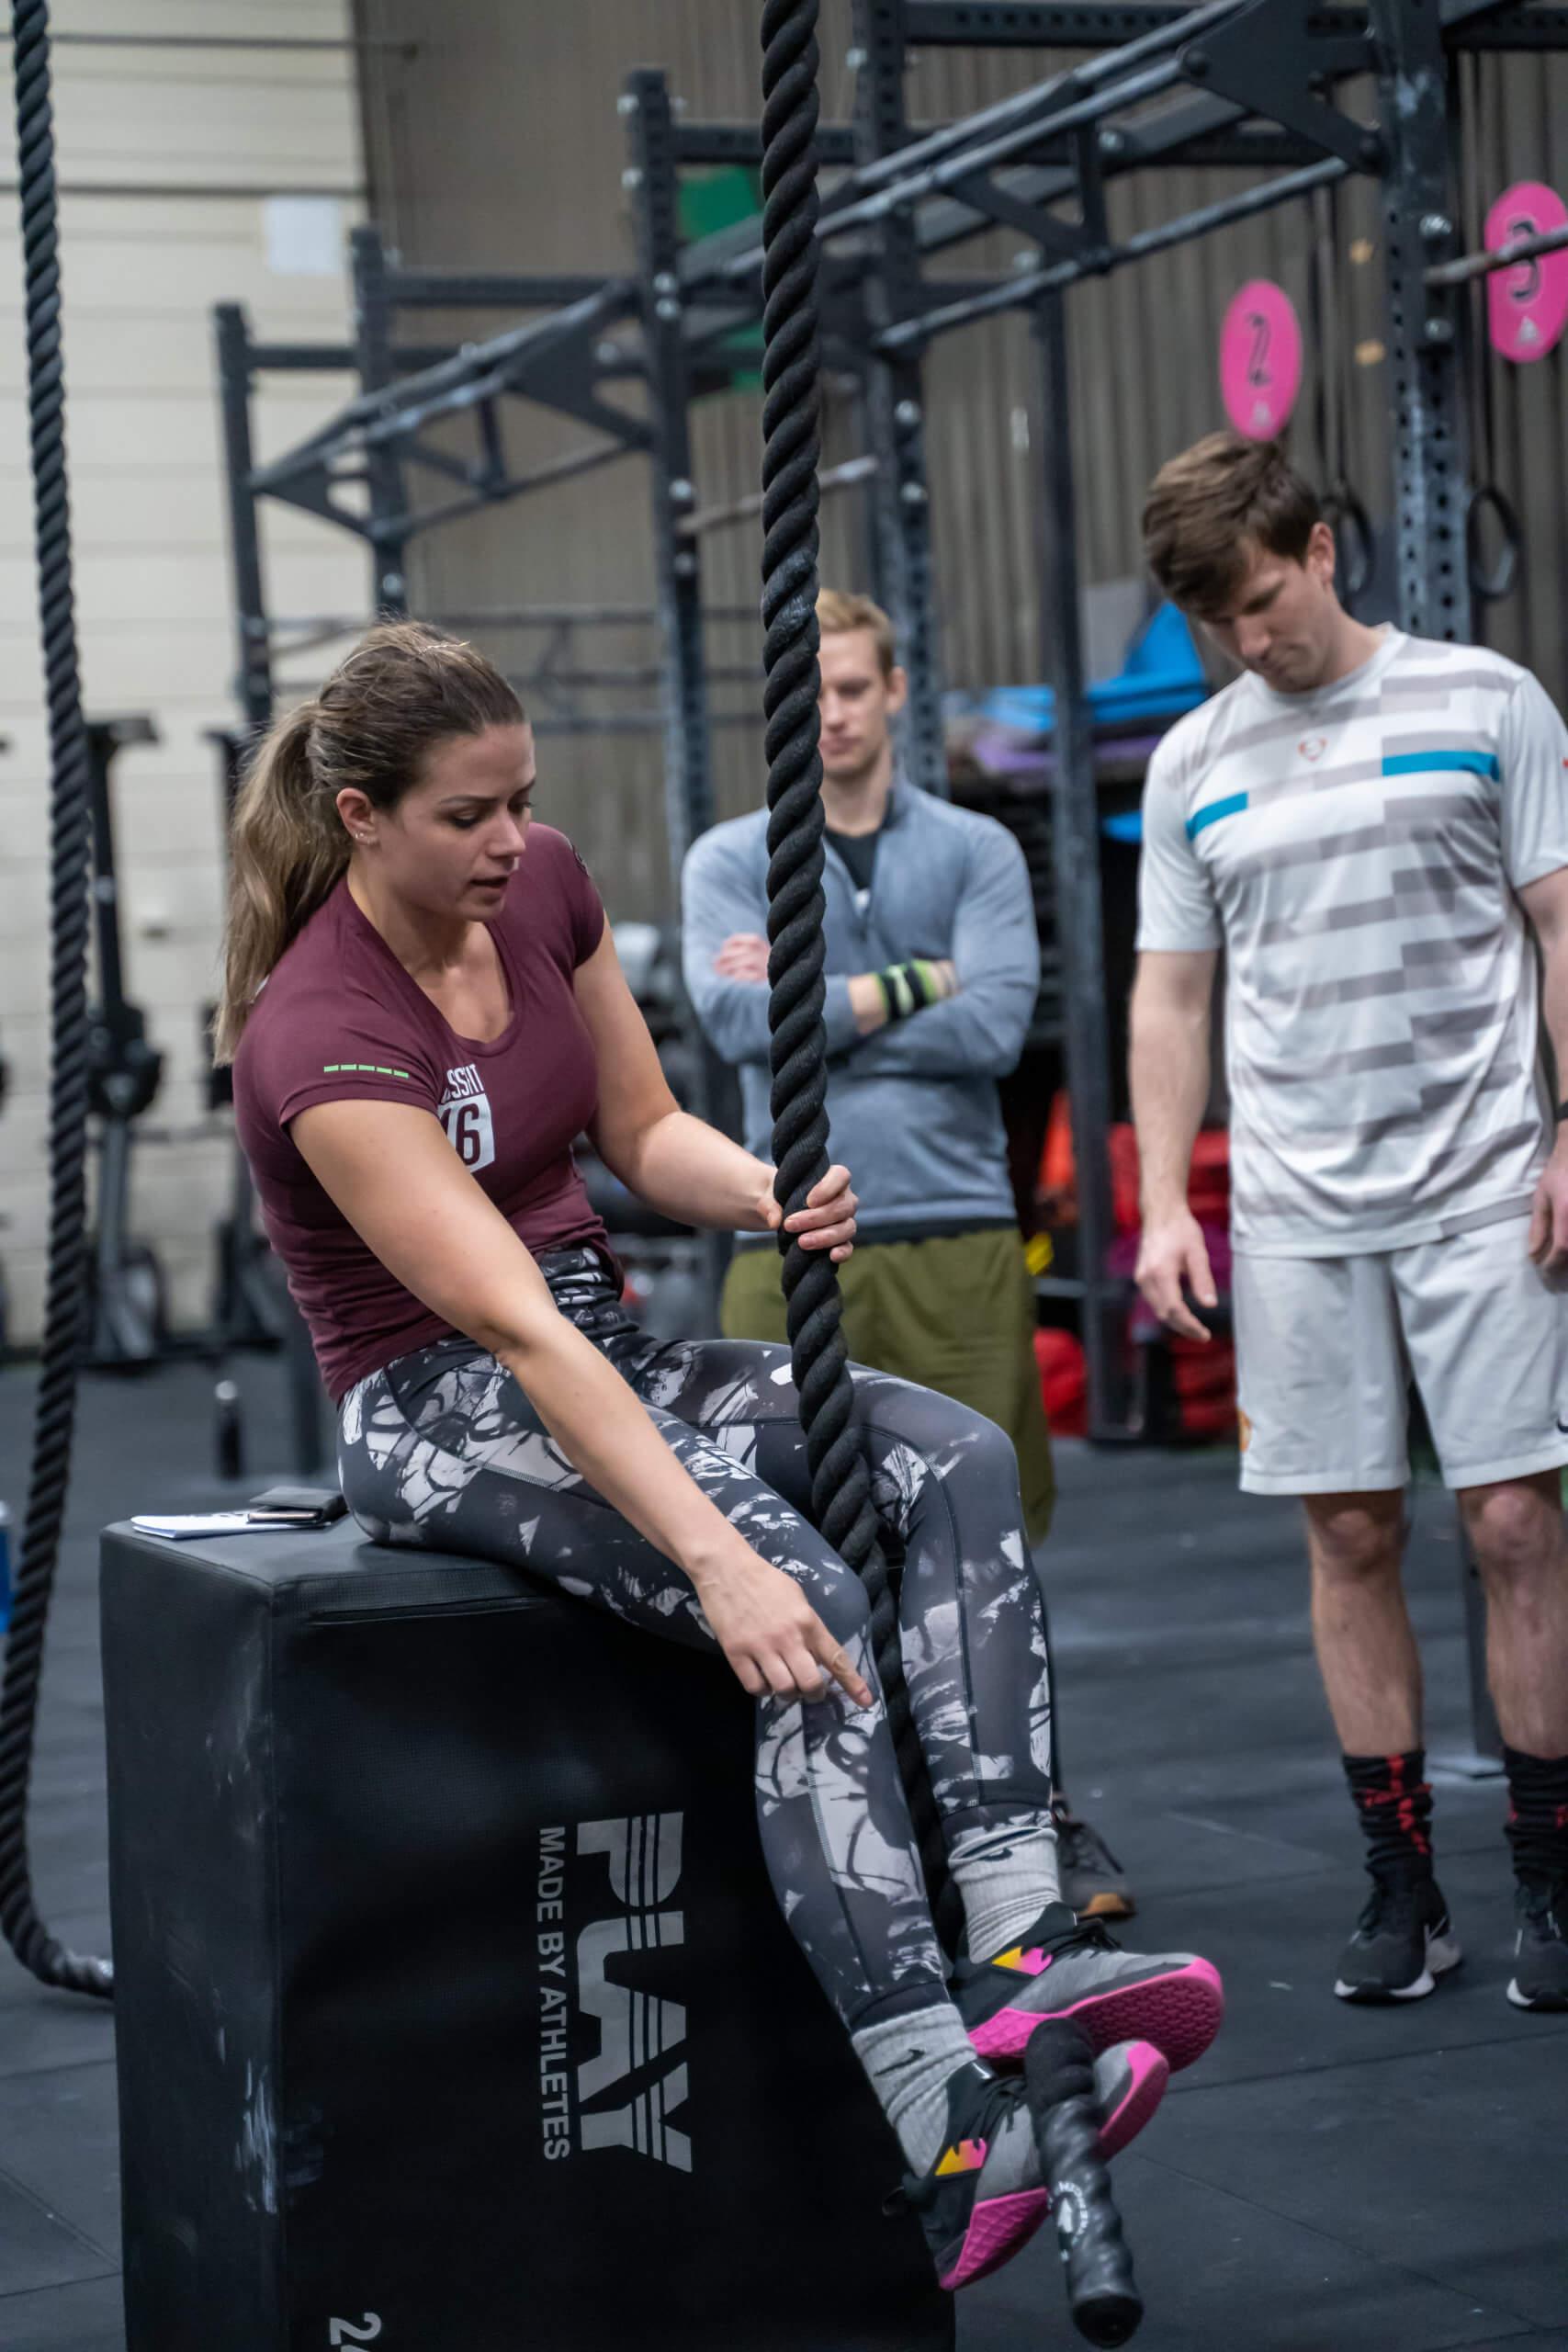 Personlig trener med burgunder tskjorte, grå/hvit kamuflasjetights sitter på en boks fremst og peker ned på bakken. To utøvere bak ser på samme område.